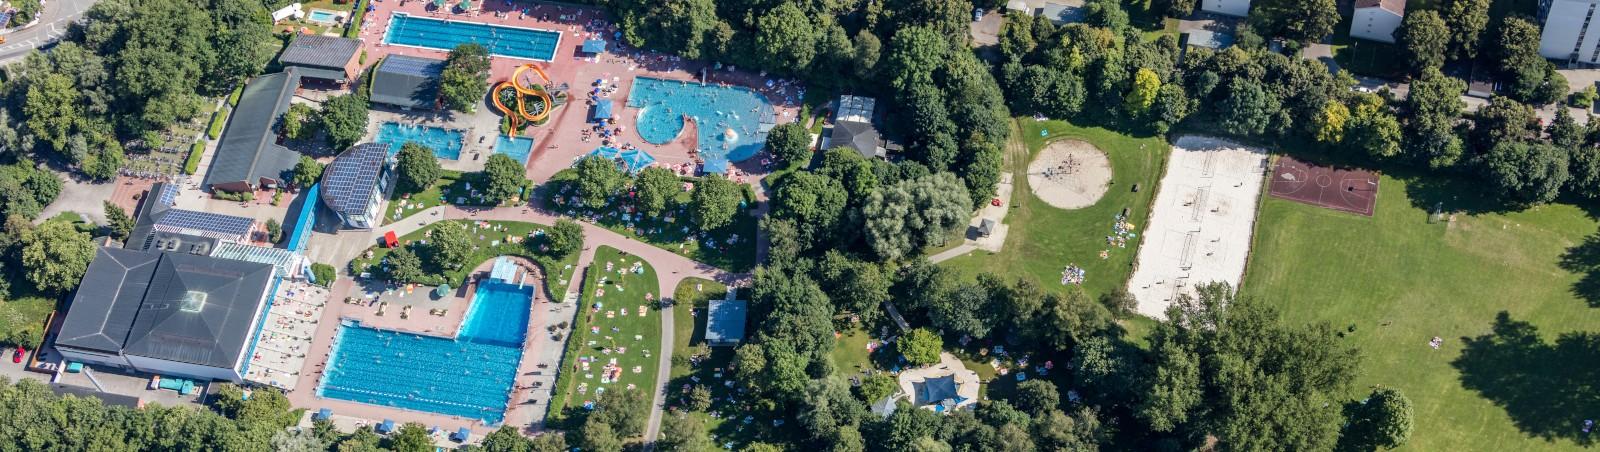 Luftaufnahme des Landshuter Stadtbads